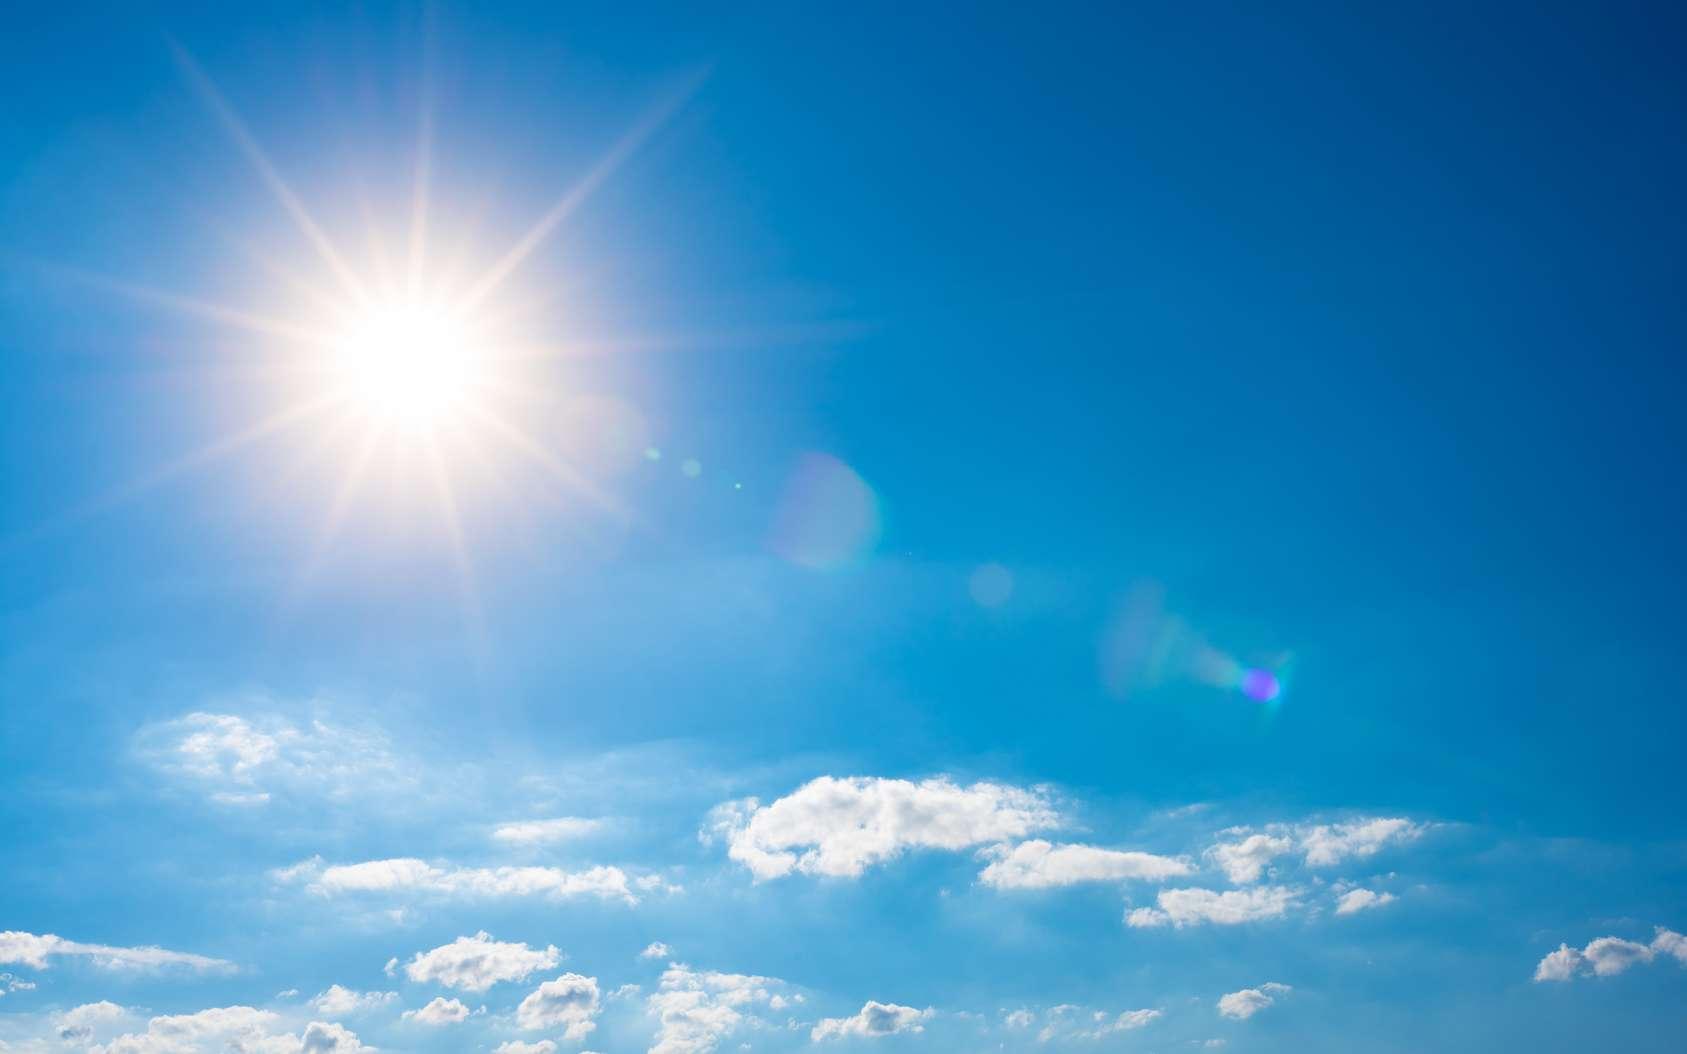 Le Soleil brille depuis quatre milliards et demi d'années. Comment produit-il tout cette lumière ? © John Smith, fotolia